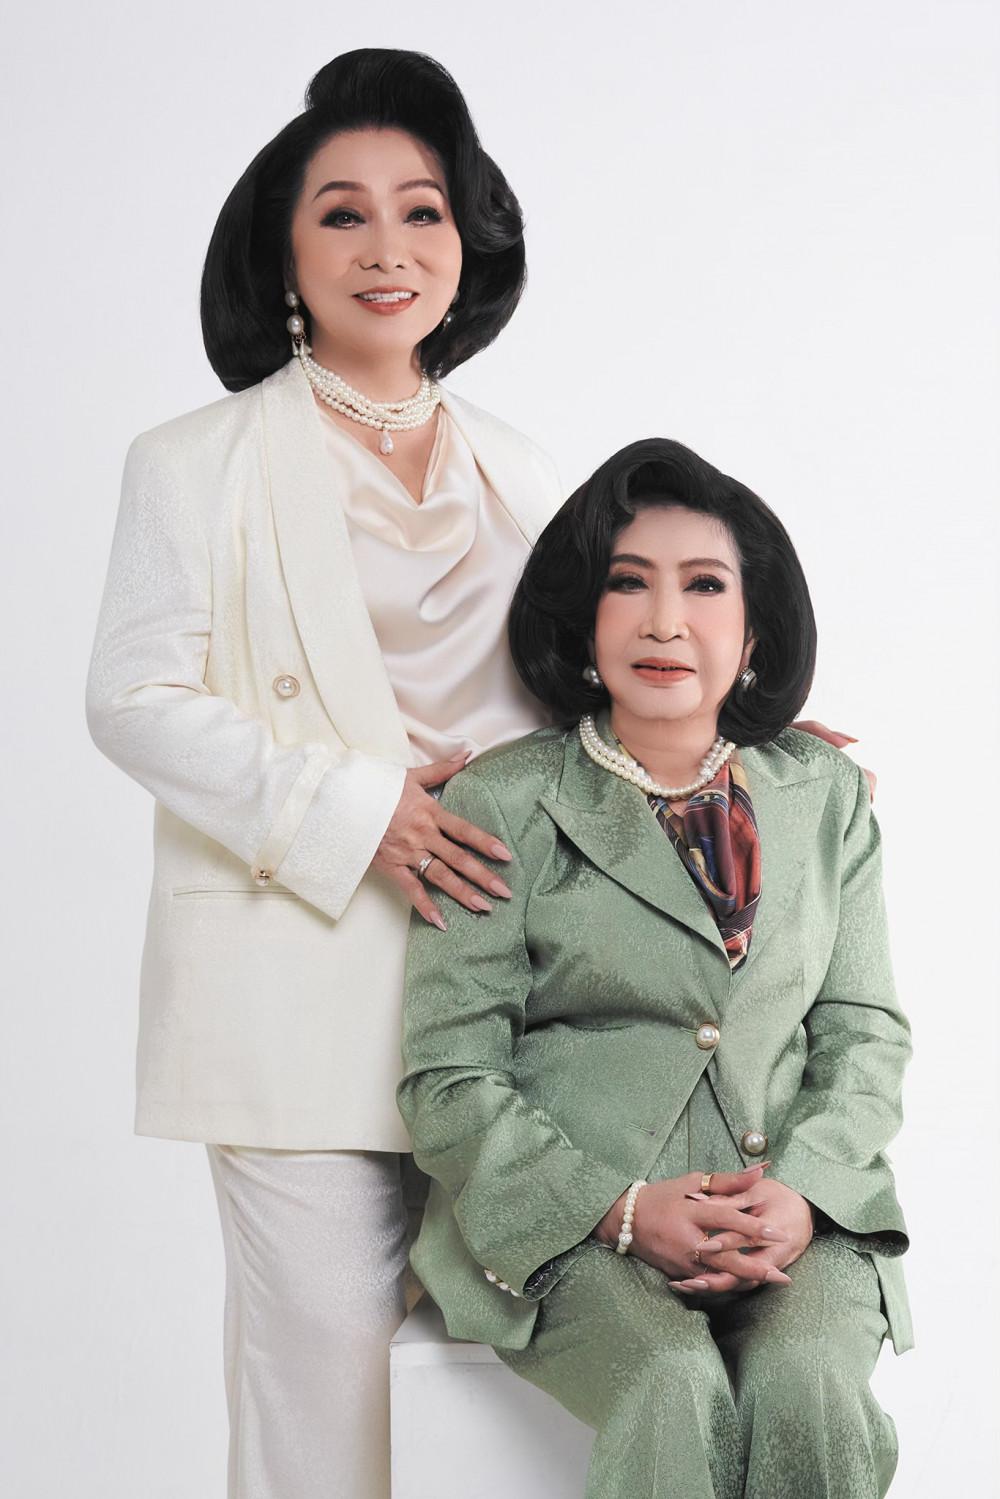 NSND Bạch Tuyết và NSƯT Diệu Hiền sẽ tổ chức đêm nhạc kỷ niệm 60 năm tình bạn